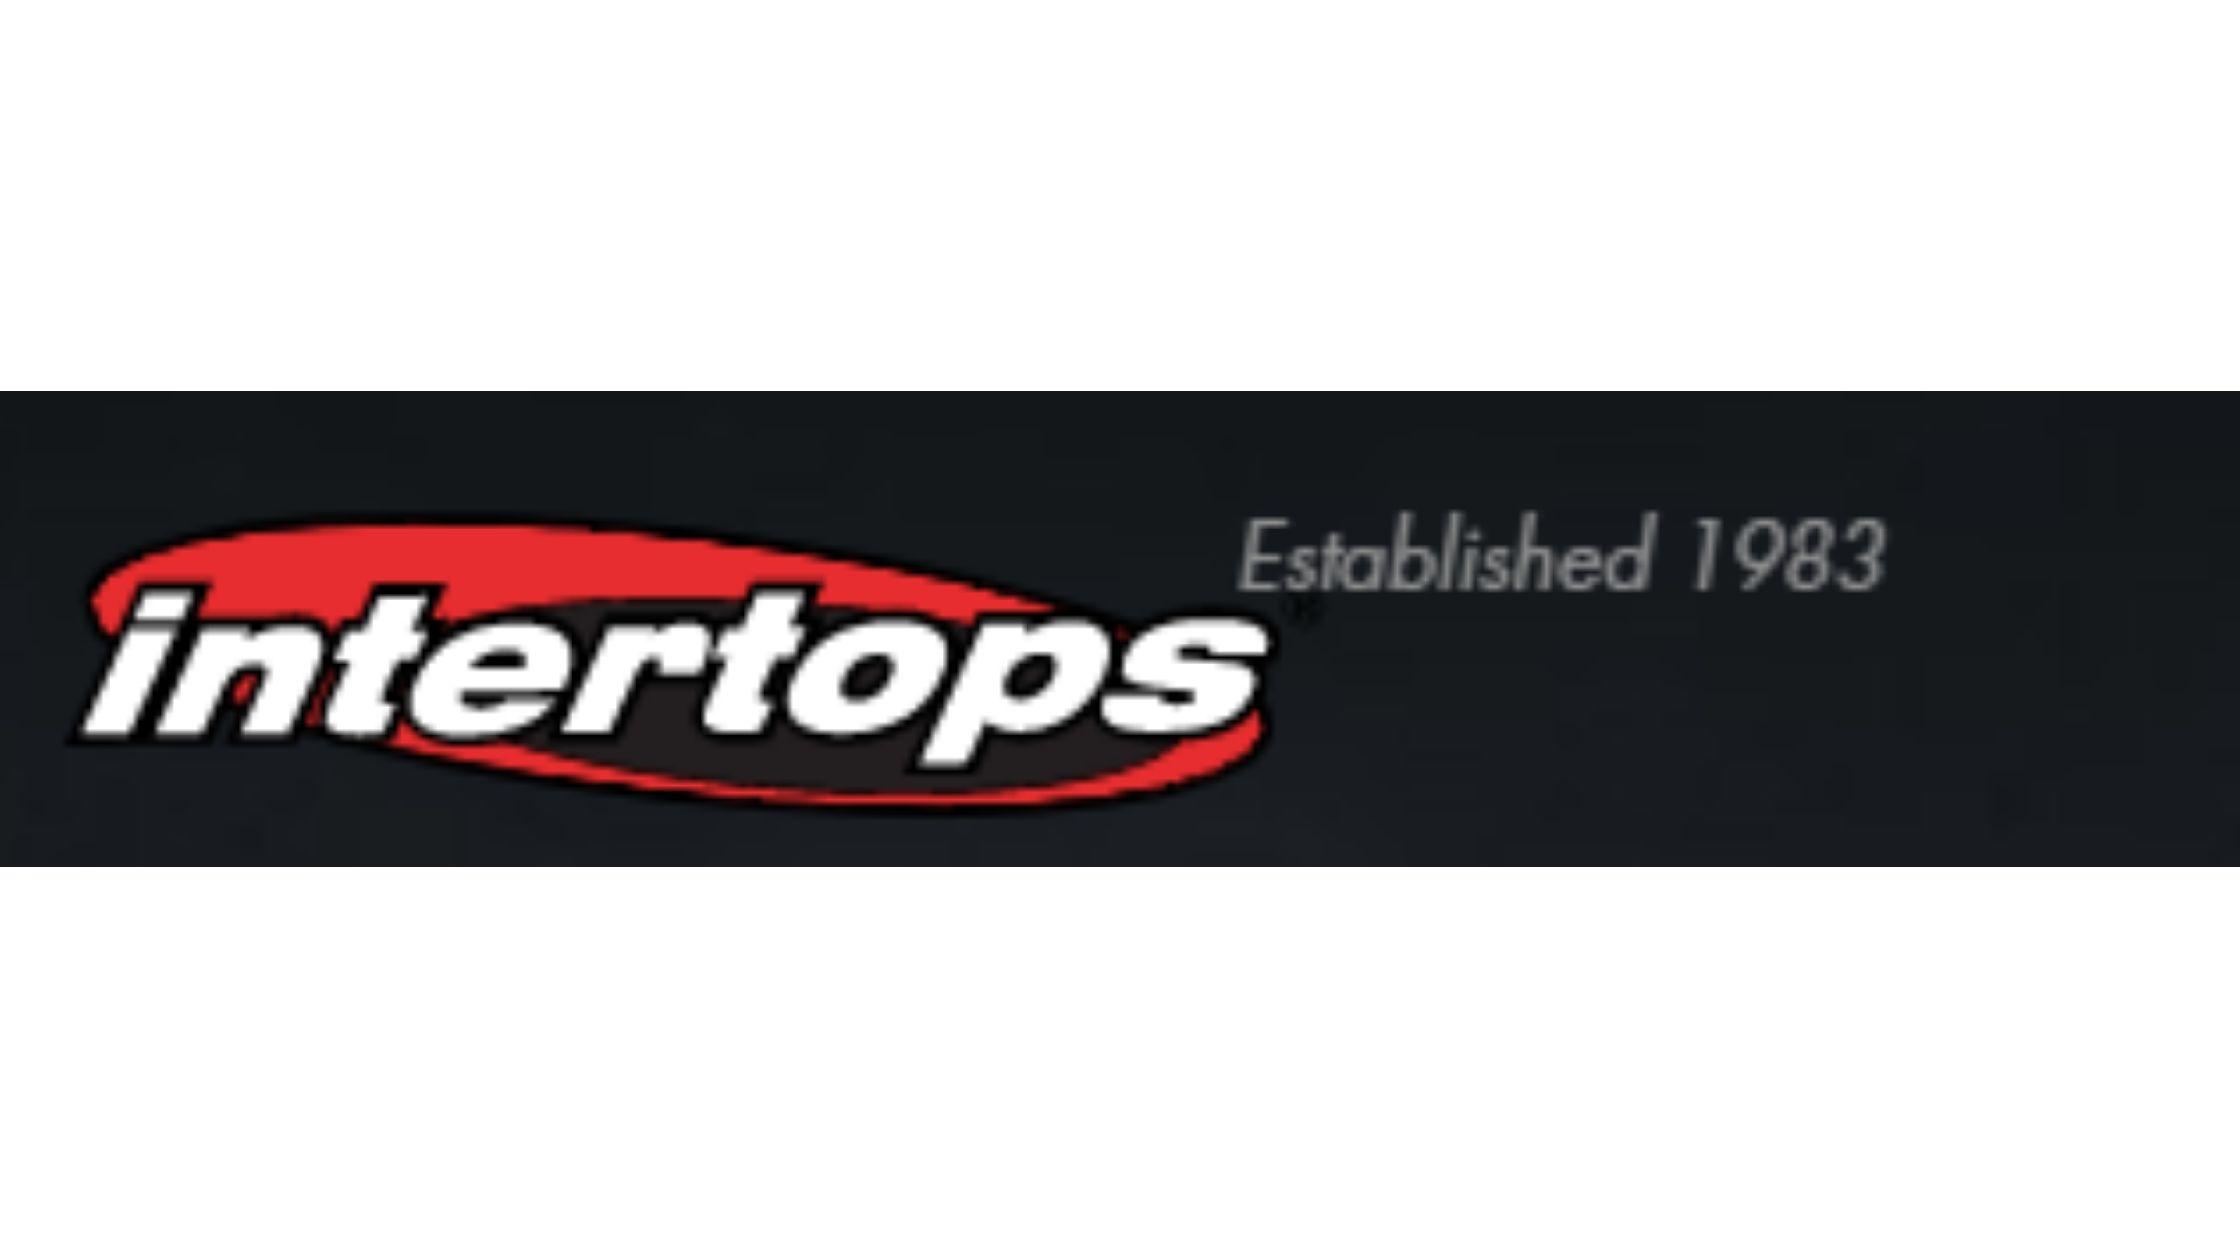 Intertops Withdrawal